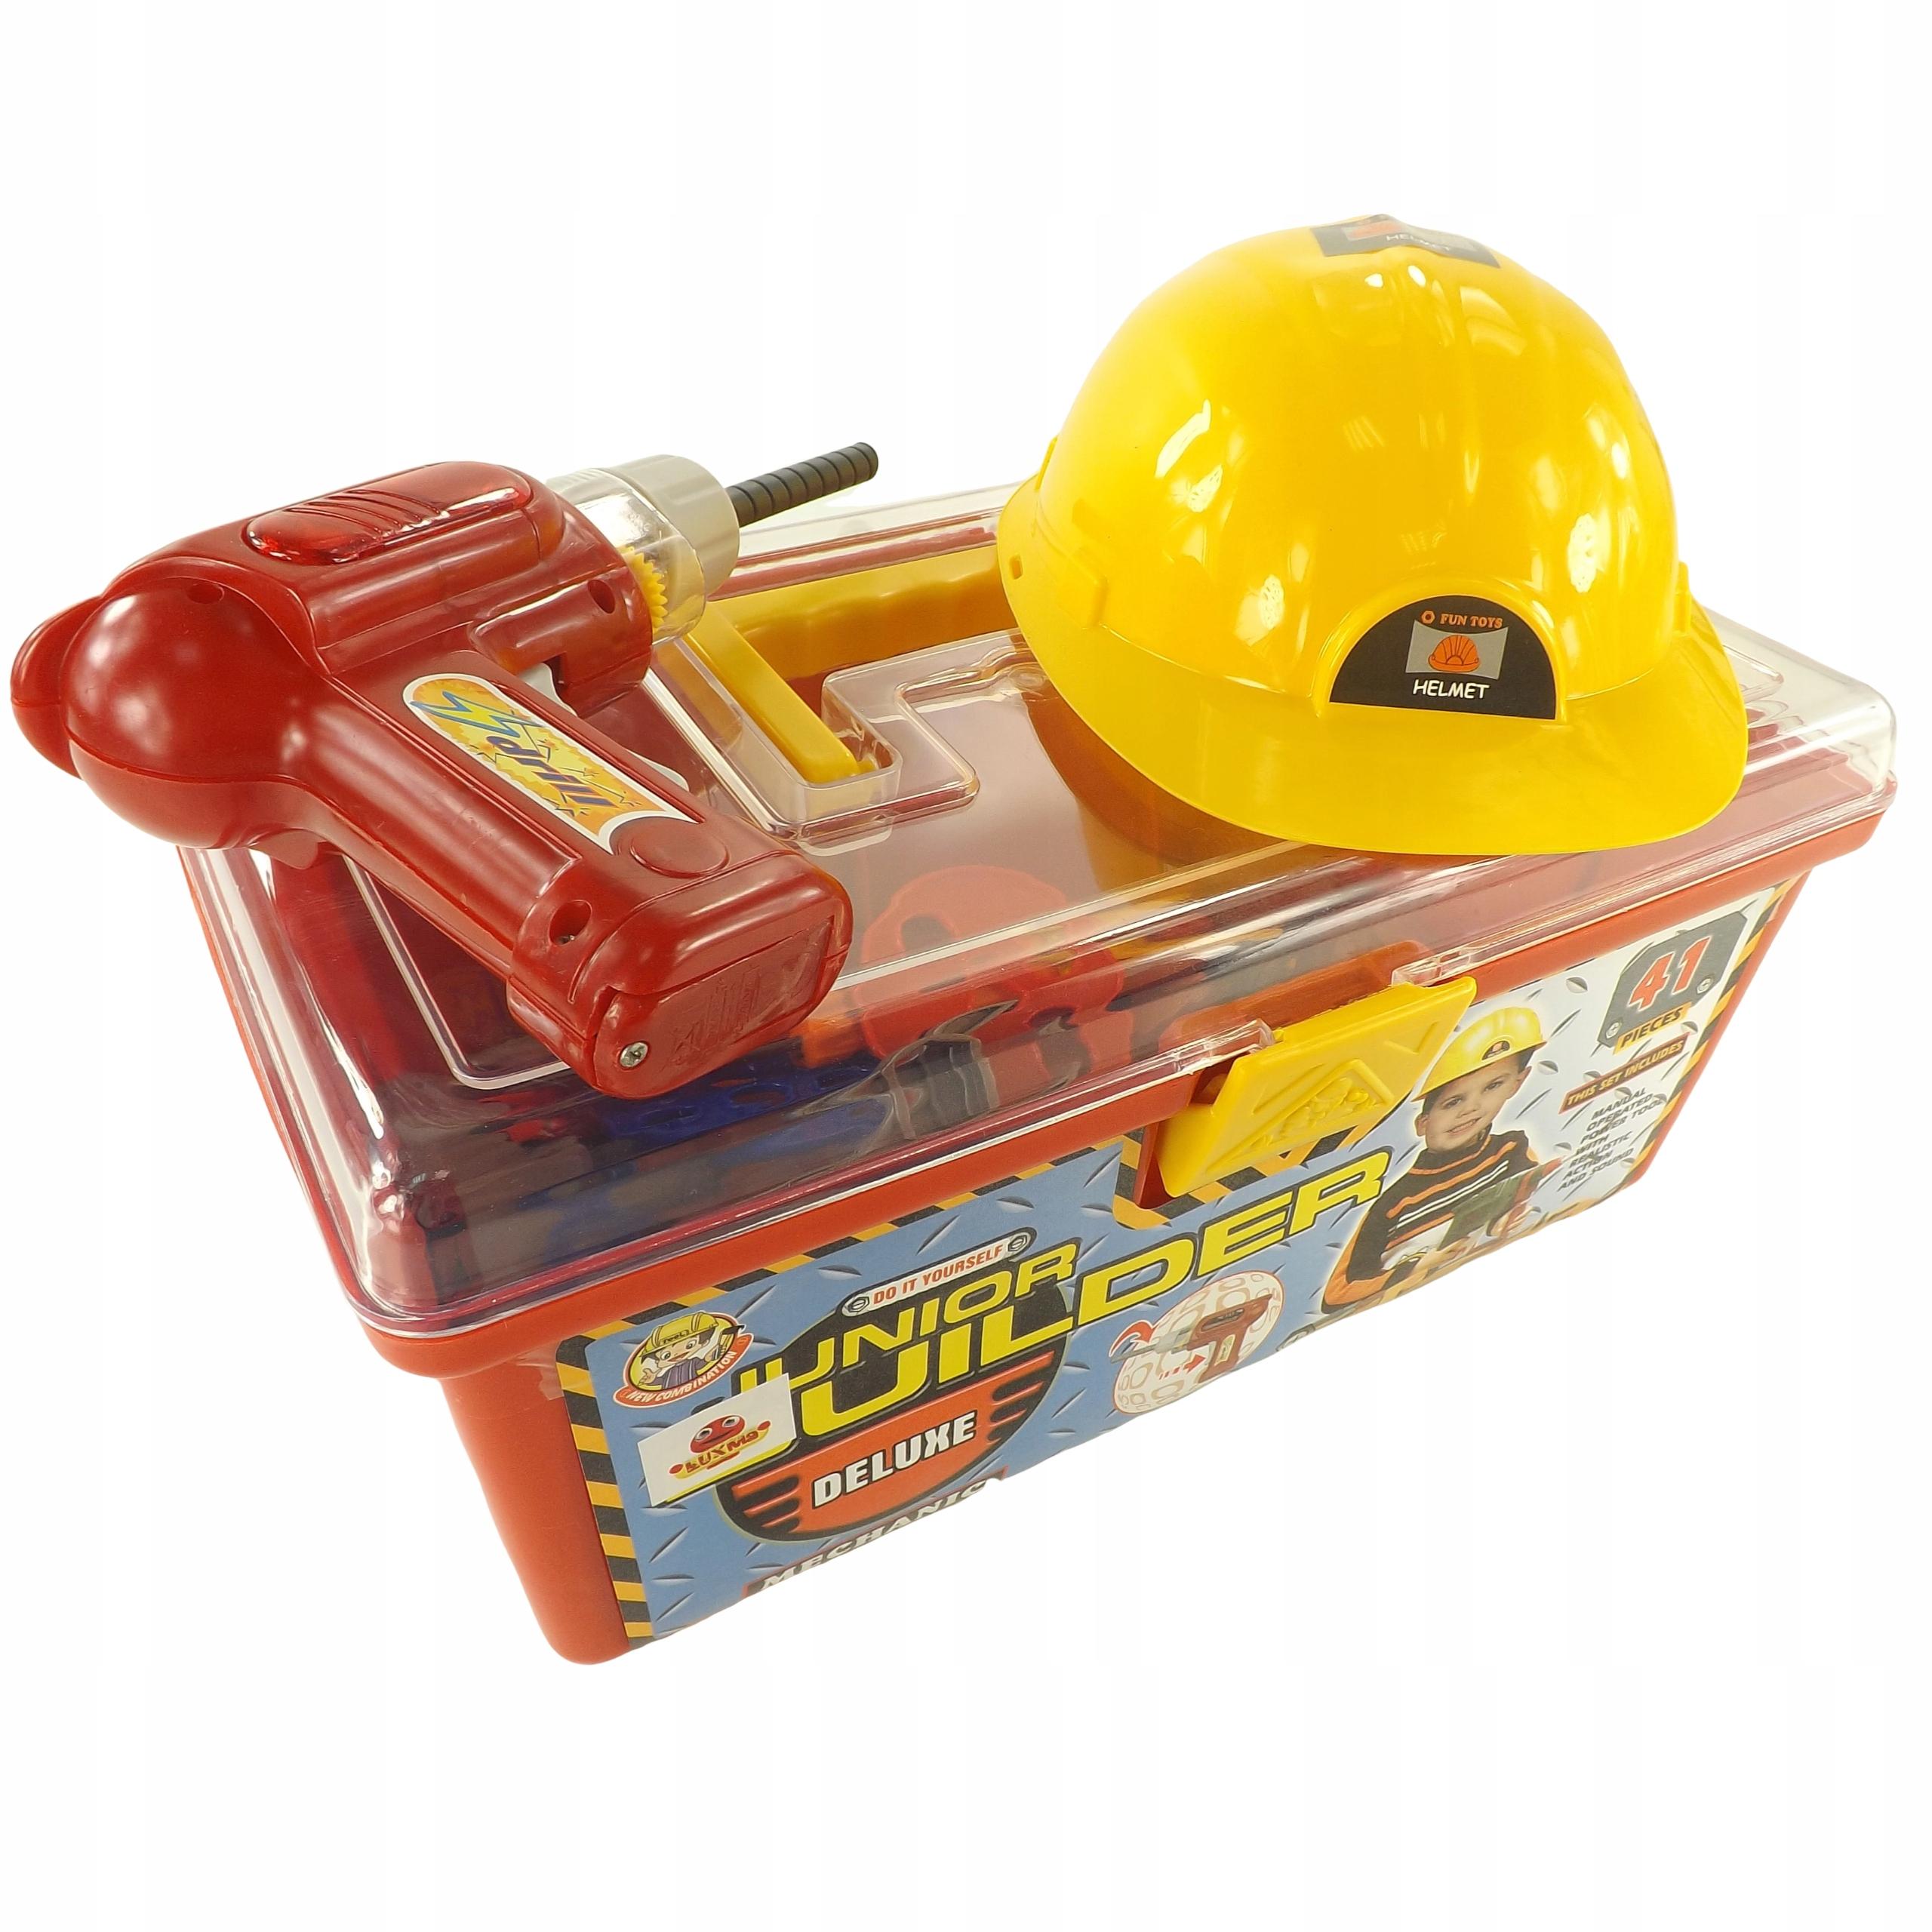 Zestaw Skrzynka Warsztat narzędzia na baterie 2058 Marka inna